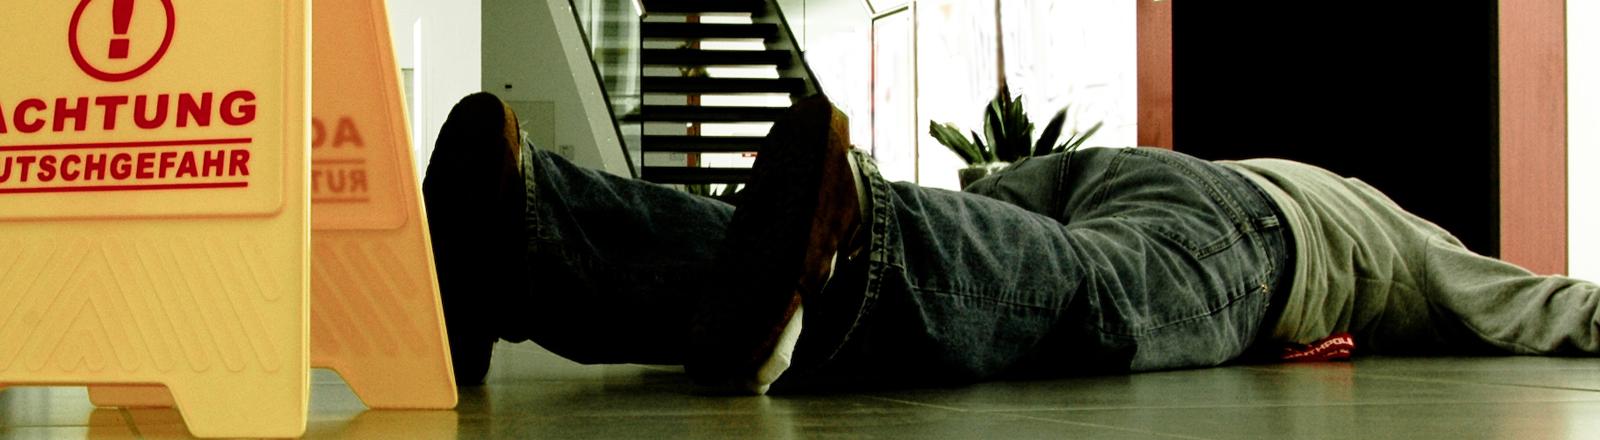 Mann liegt auf dem Boden